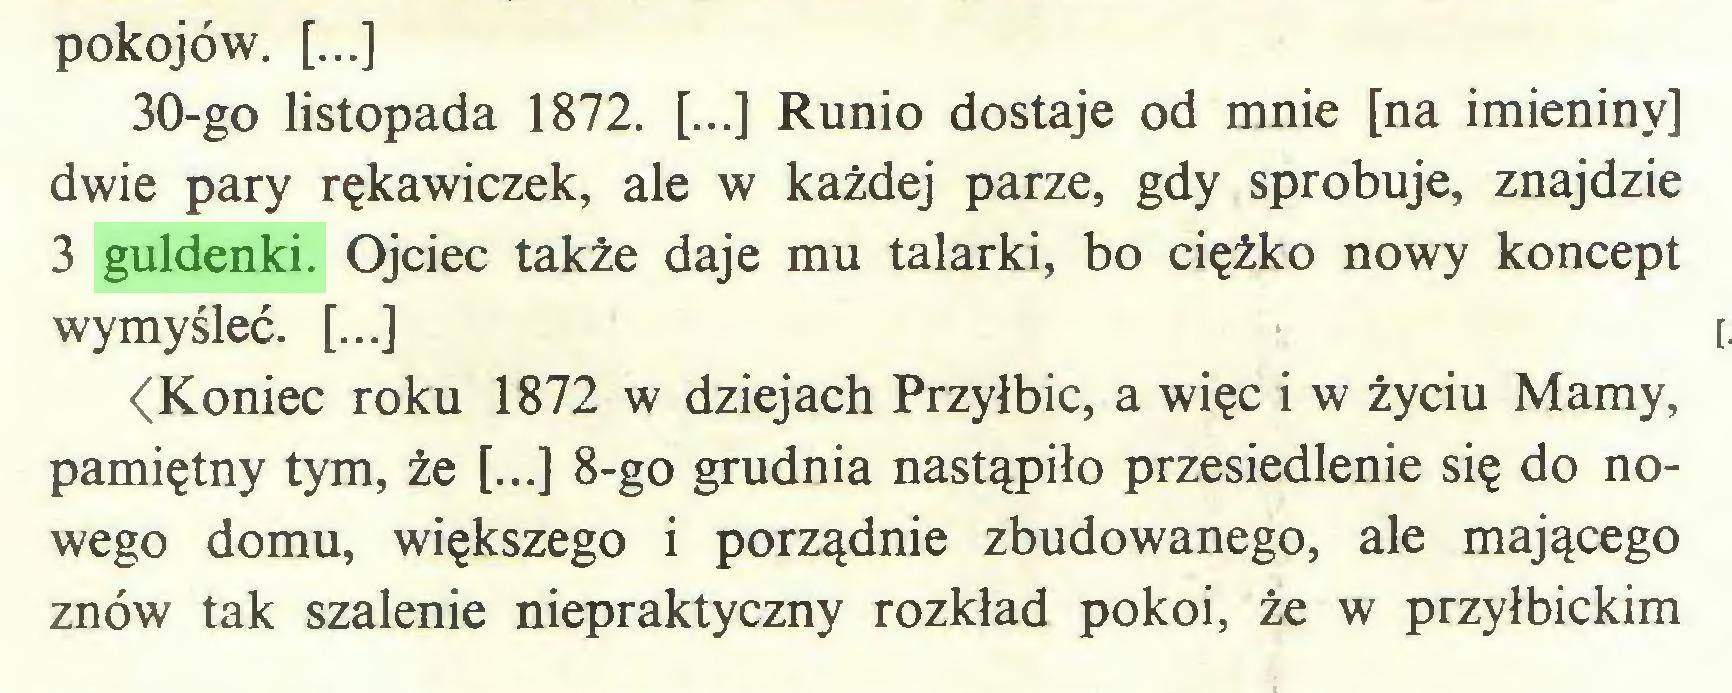 (...) pokojów. [...] 30-go listopada 1872. [...] Runio dostaje od mnie [na imieniny] dwie pary rękawiczek, ale w każdej parze, gdy spróbuje, znajdzie 3 guldenki. Ojciec także daje mu talarki, bo ciężko nowy koncept wymyśleć. [...] <Koniec roku 1872 w dziejach Przyłbic, a więc i w życiu Mamy, pamiętny tym, że [...] 8-go grudnia nastąpiło przesiedlenie się do nowego domu, większego i porządnie zbudowanego, ale mającego znów tak szalenie niepraktyczny rozkład pokoi, że w przyłbickim...